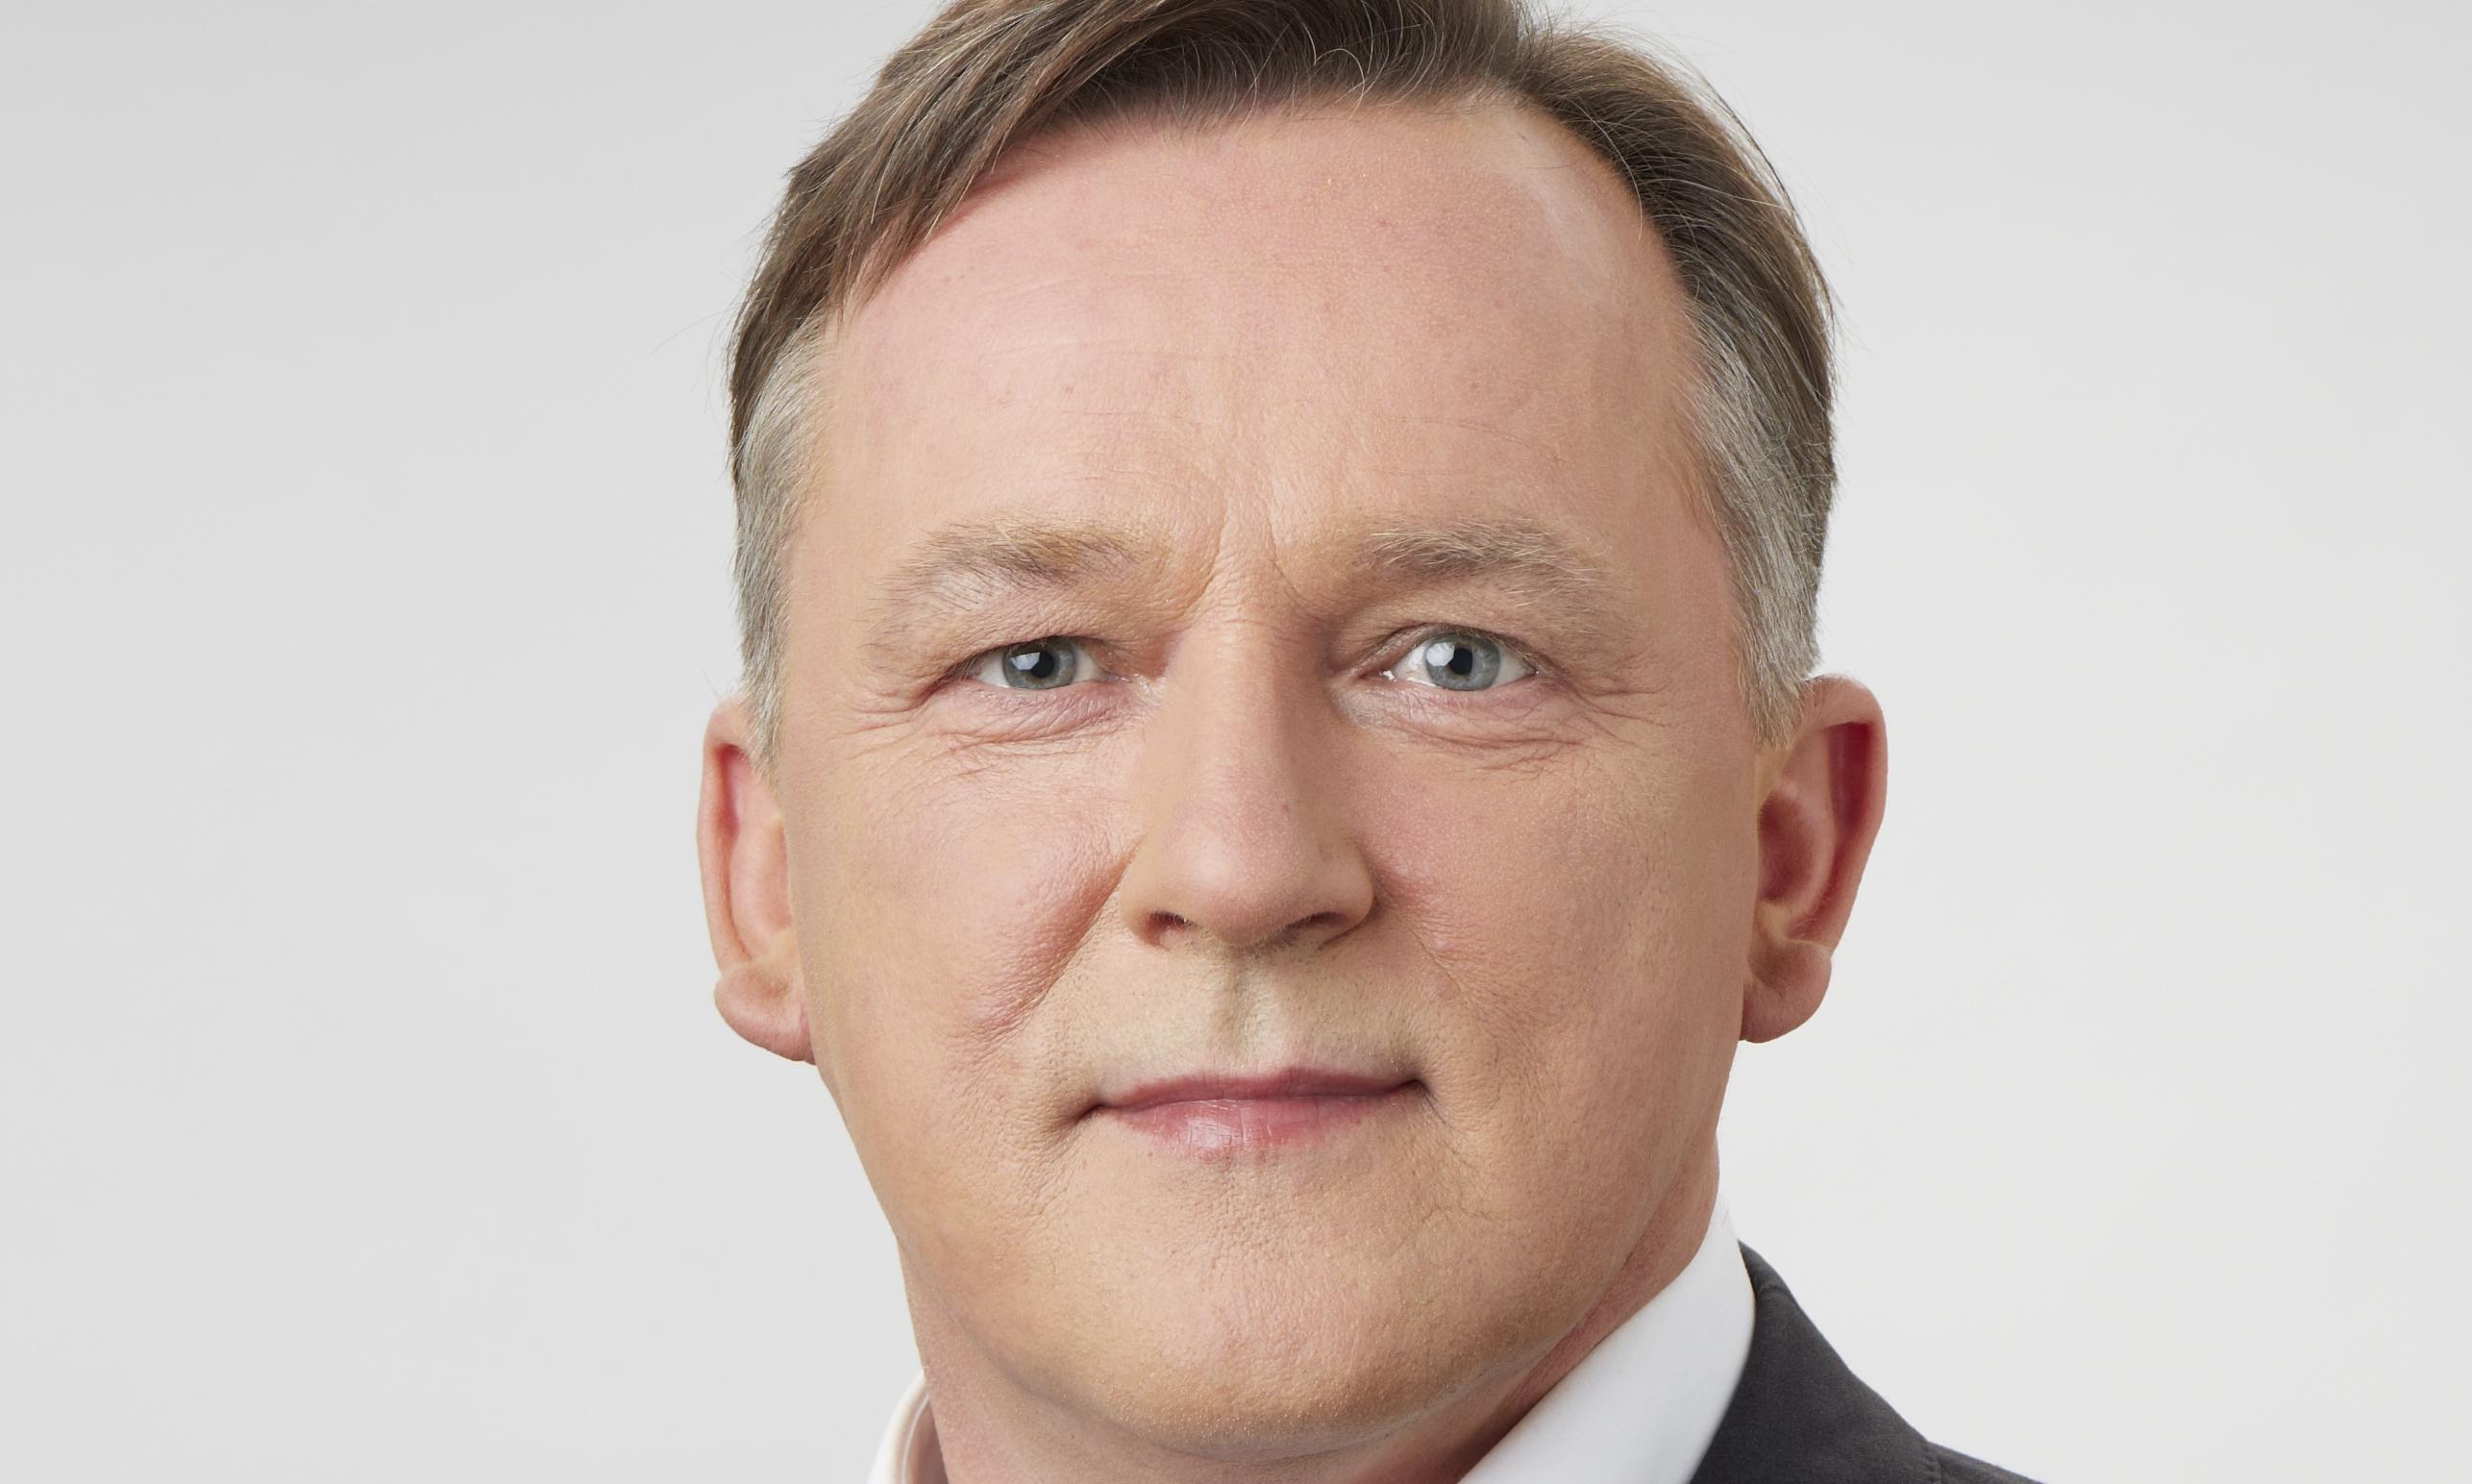 02.02.2016 Warszawa . Portret , Wojciech åwierczyÄski . Fot. Pawel Kiszkiel / Agencja Gazeta